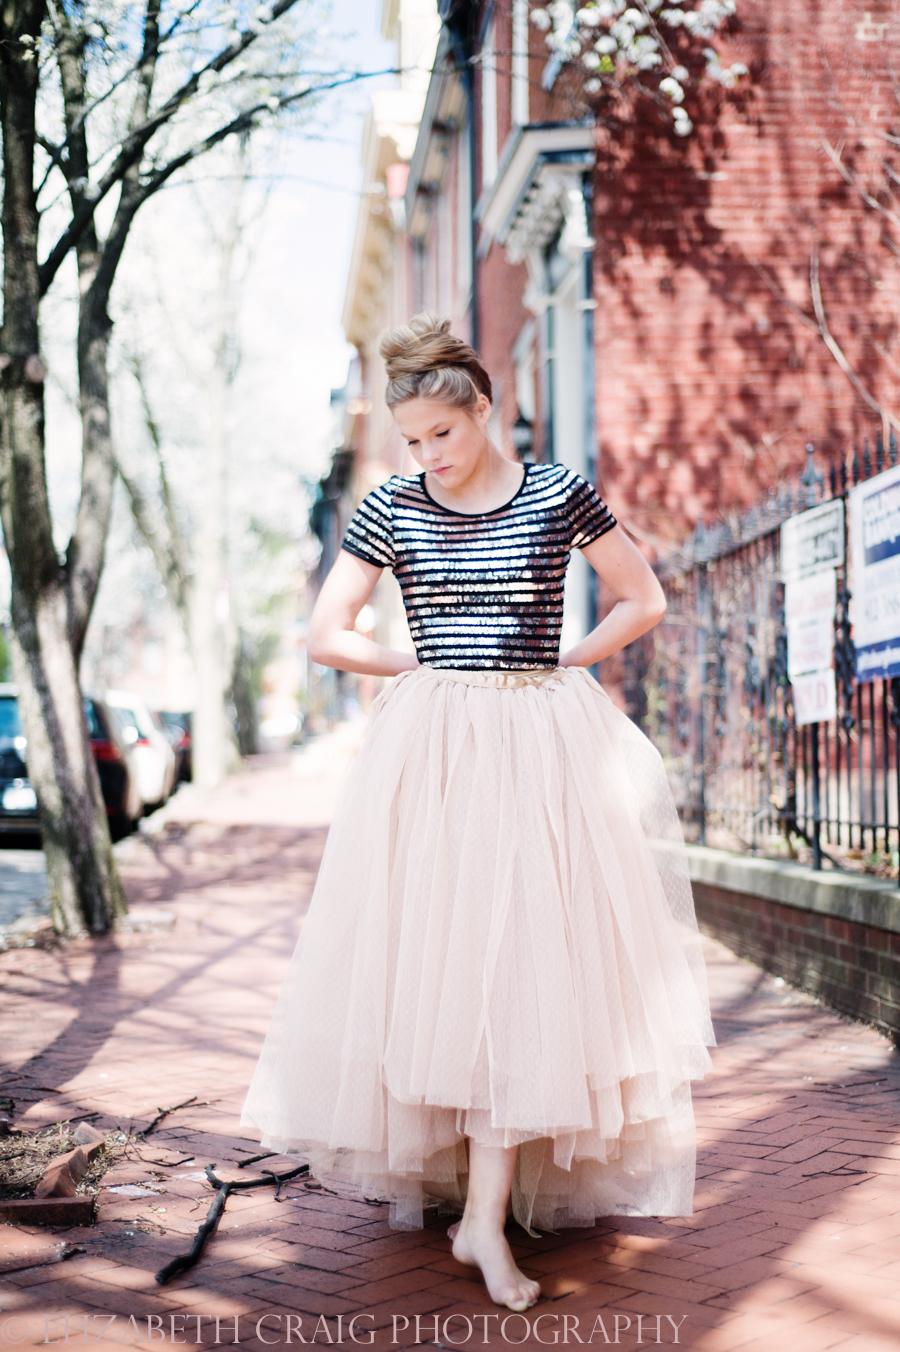 Pittsburgh Teen Girl Beauty Photography   Elizabeth Craig Photography-011